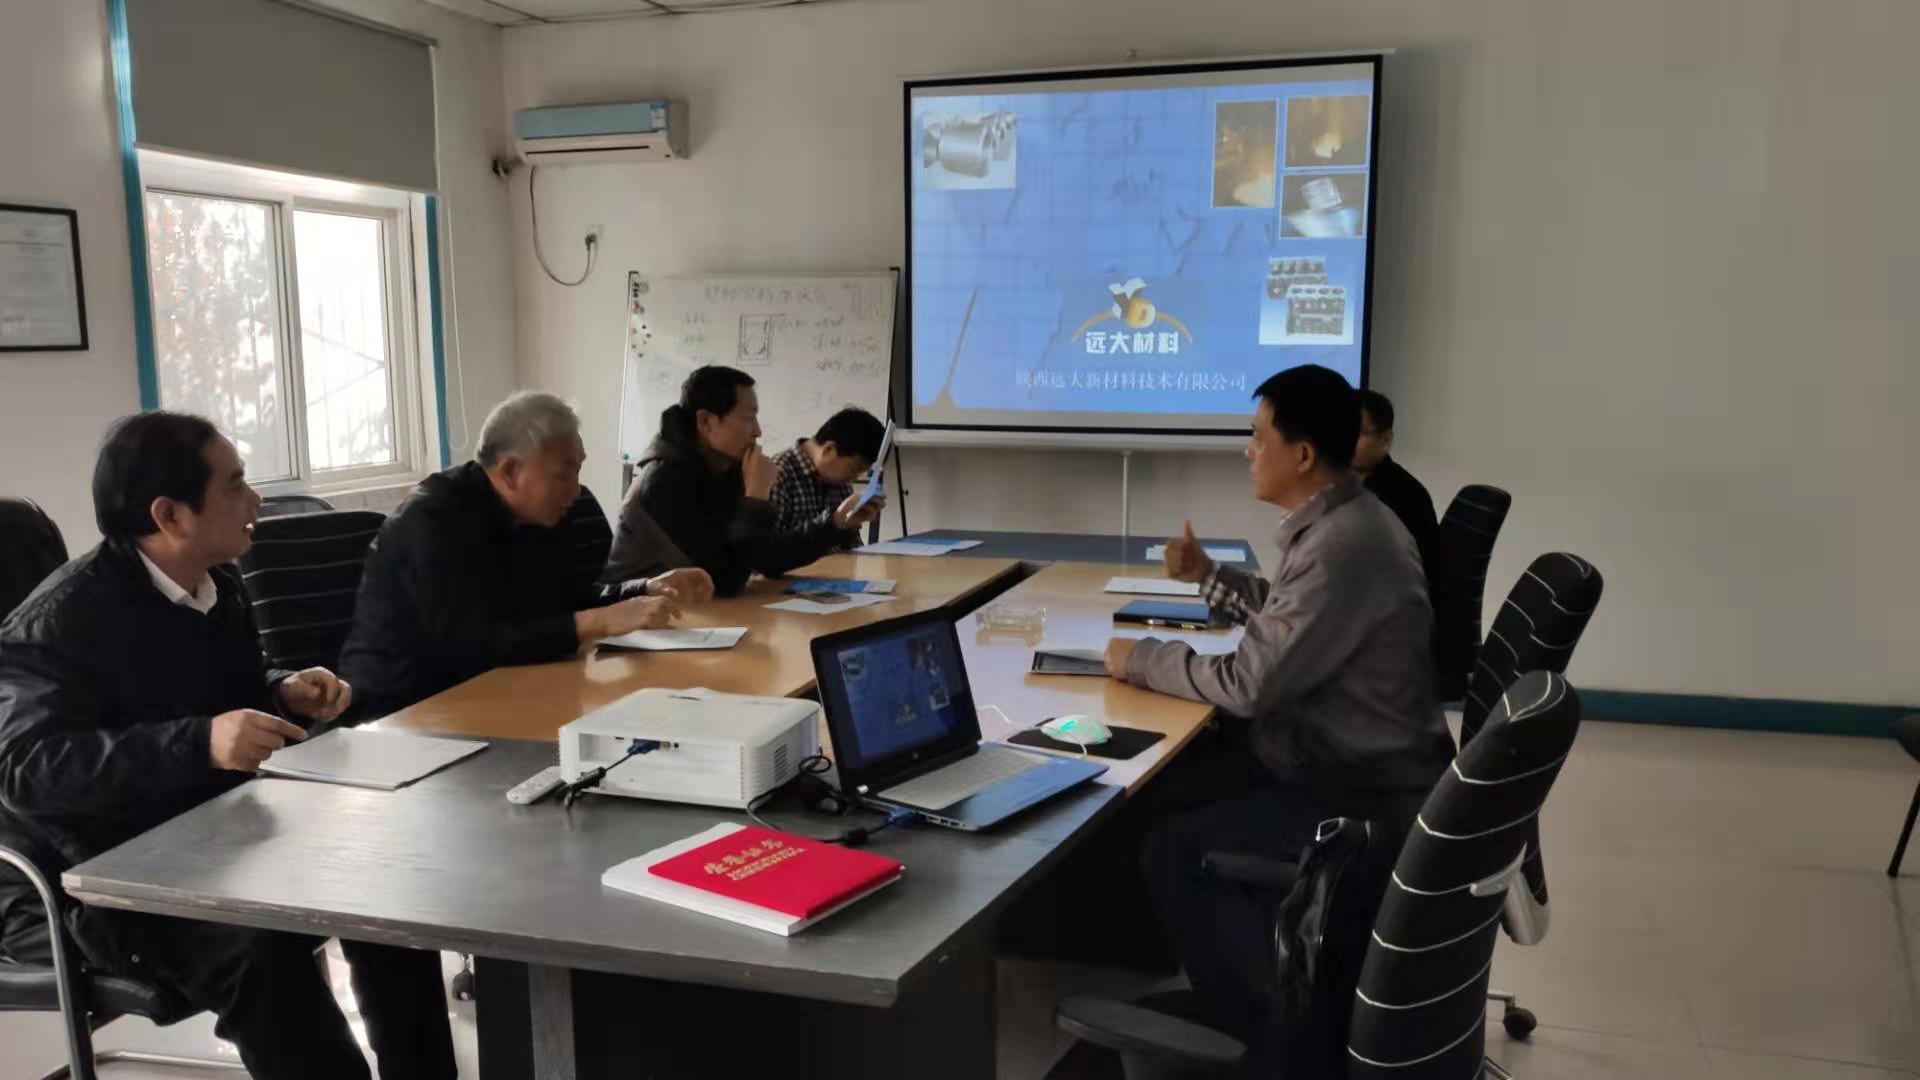 咸阳市重大科技创新专项计划项目专家考察组莅